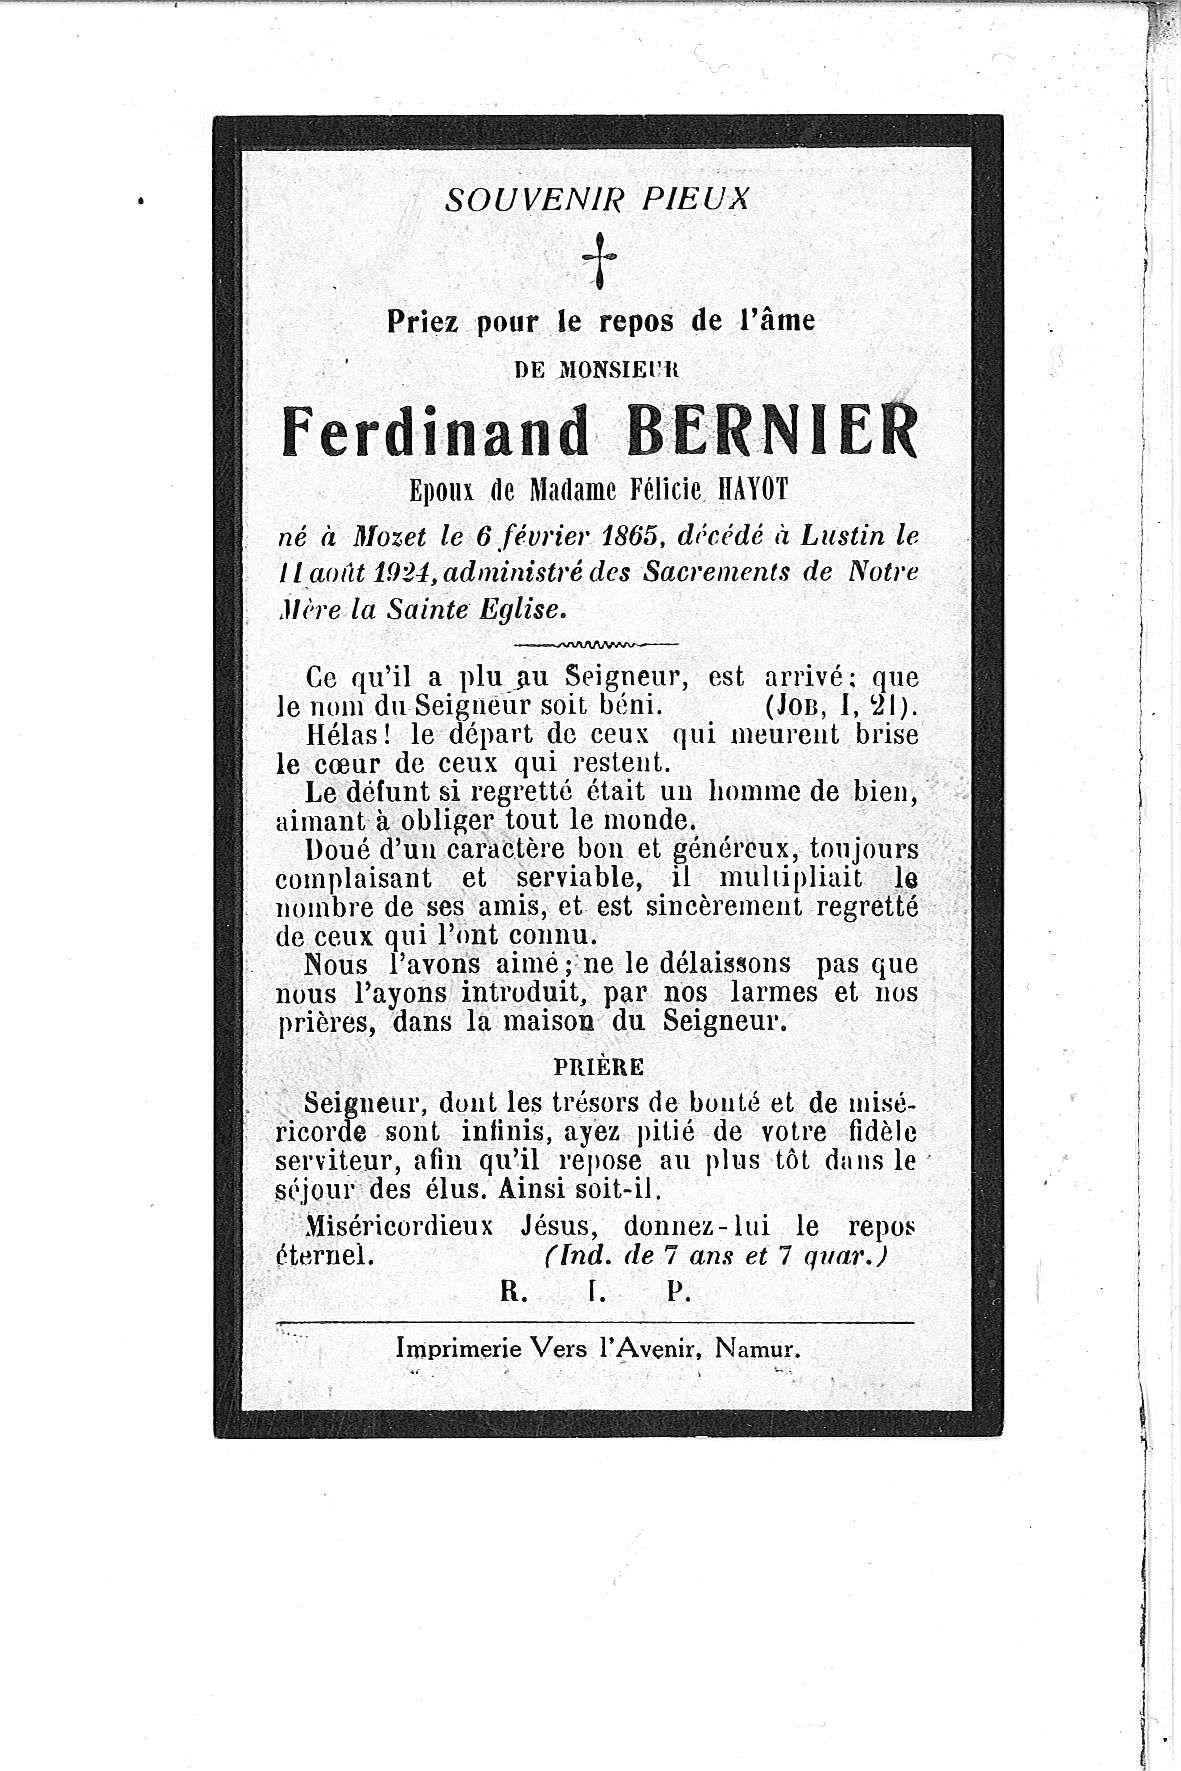 Ferdinand(1924)20110114142811_00018.jpg